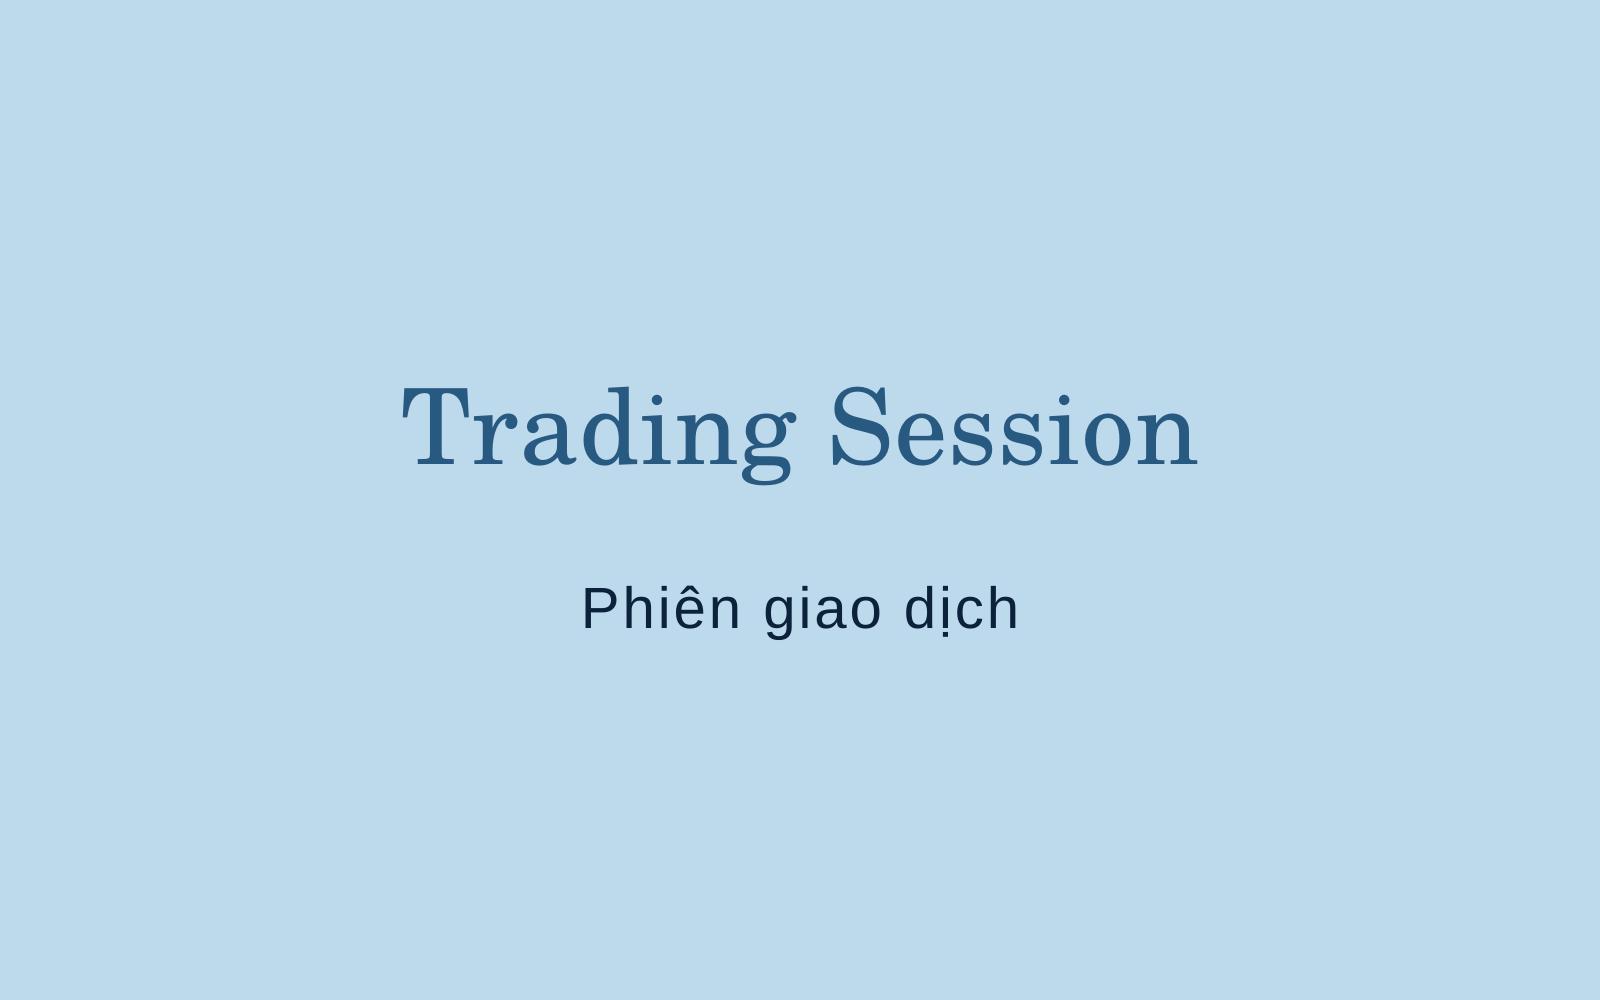 Phiên giao dịch (Trading Session) là gì? Nội dung về Phiên giao dịch - Ảnh 1.